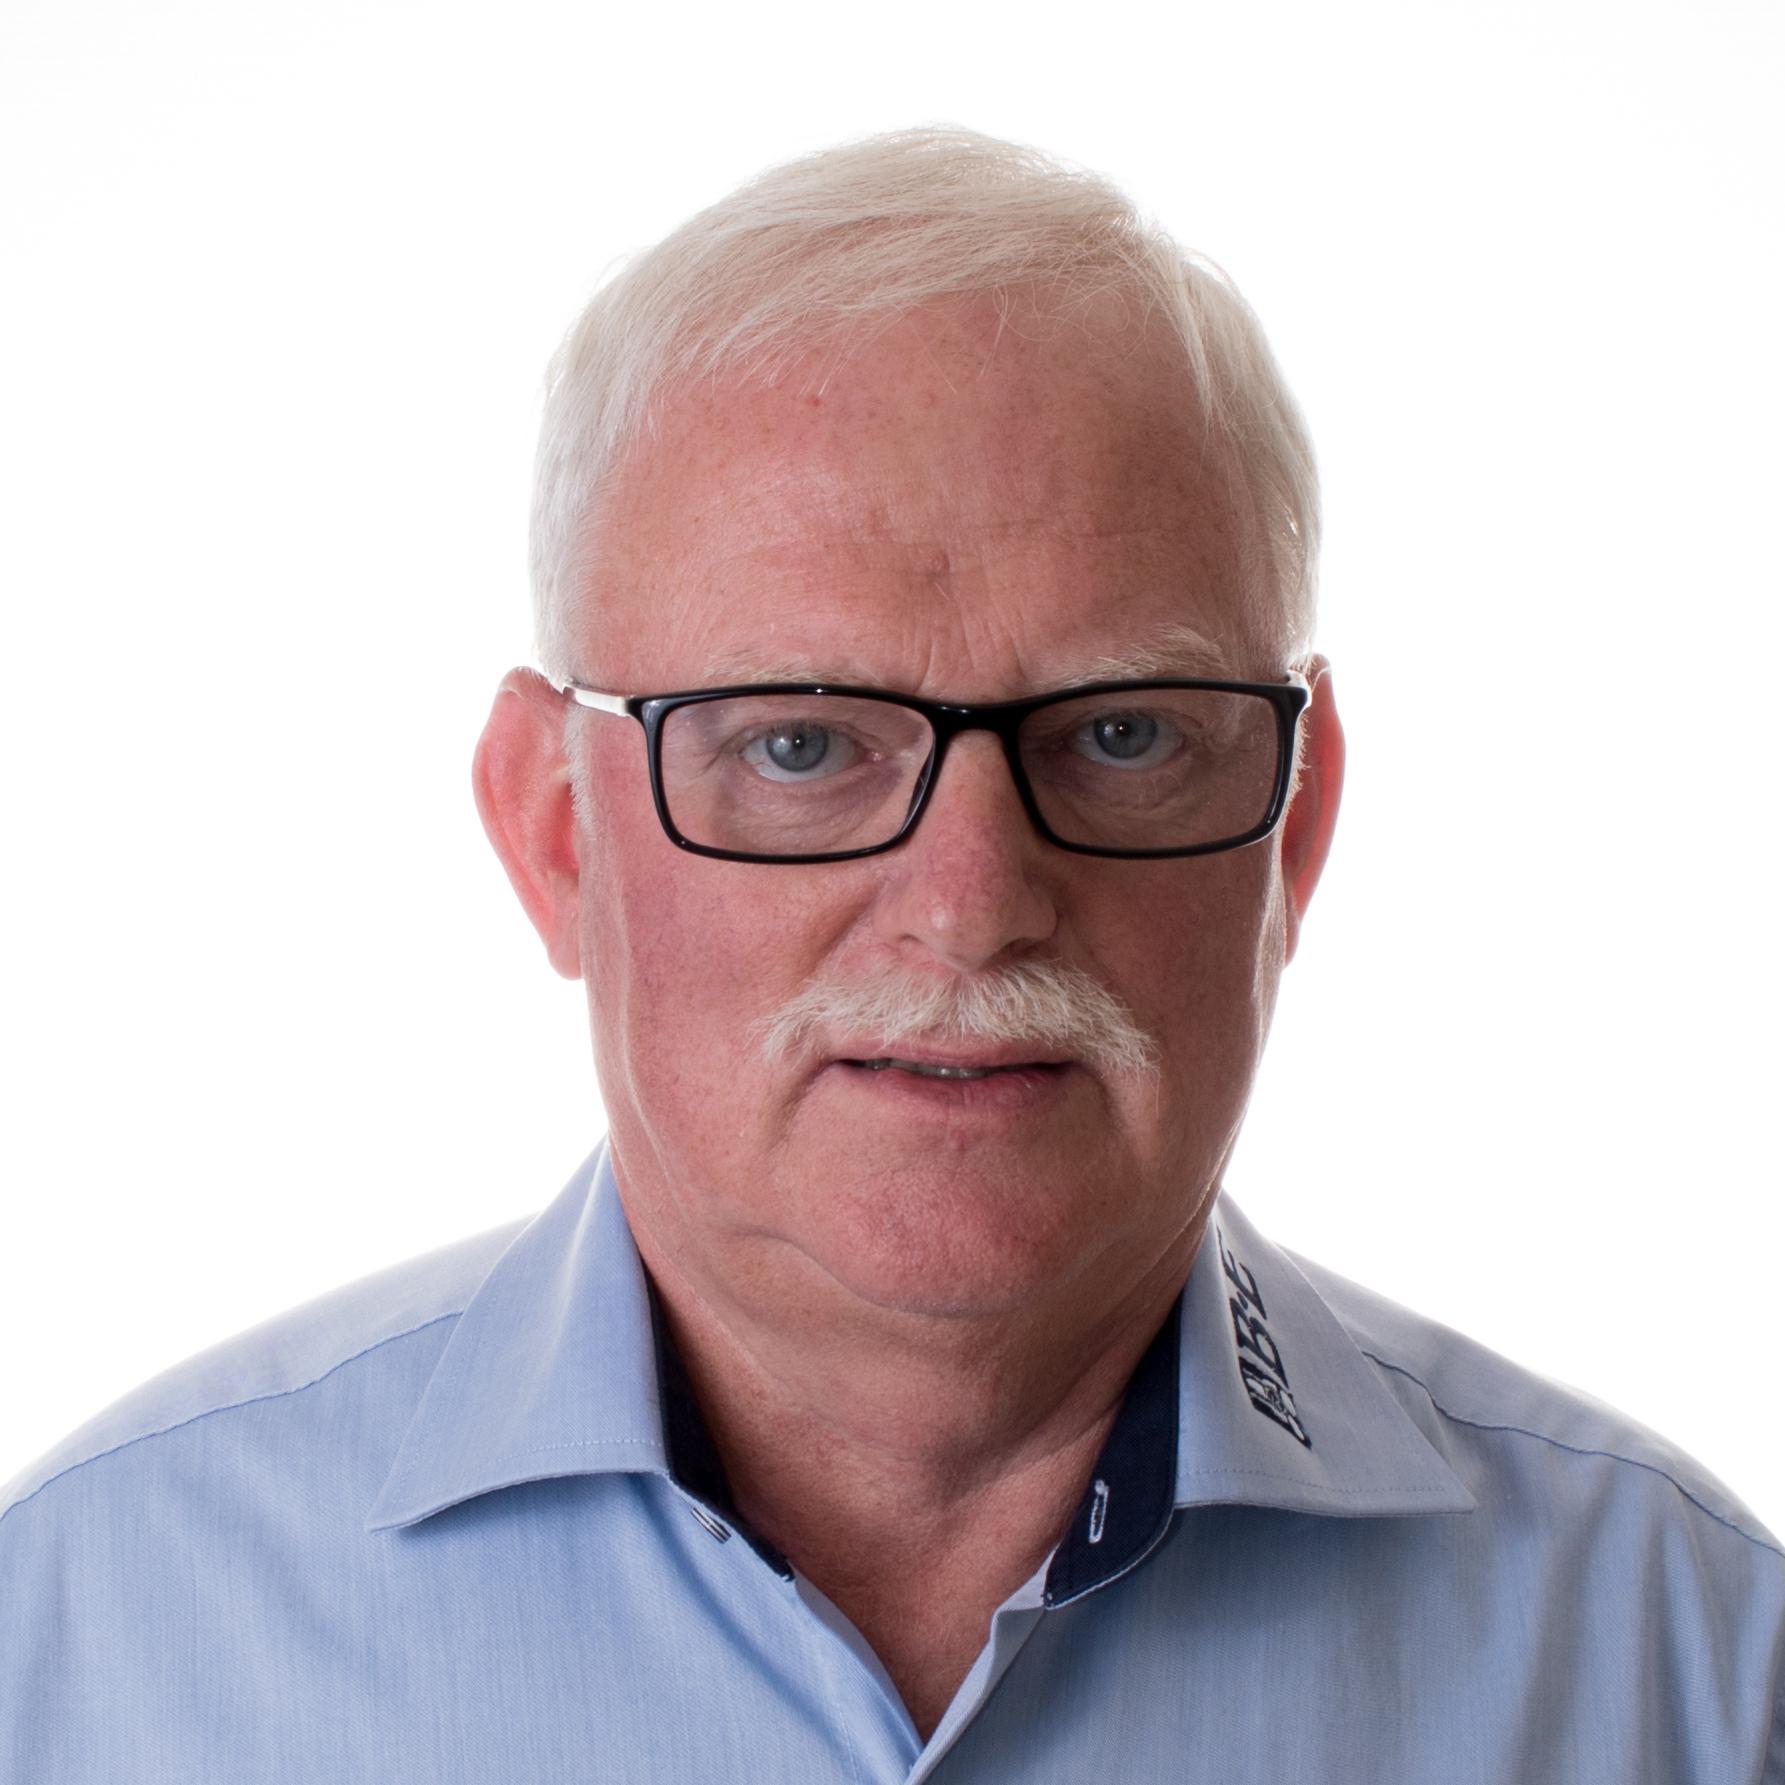 Erik Kønigsberg